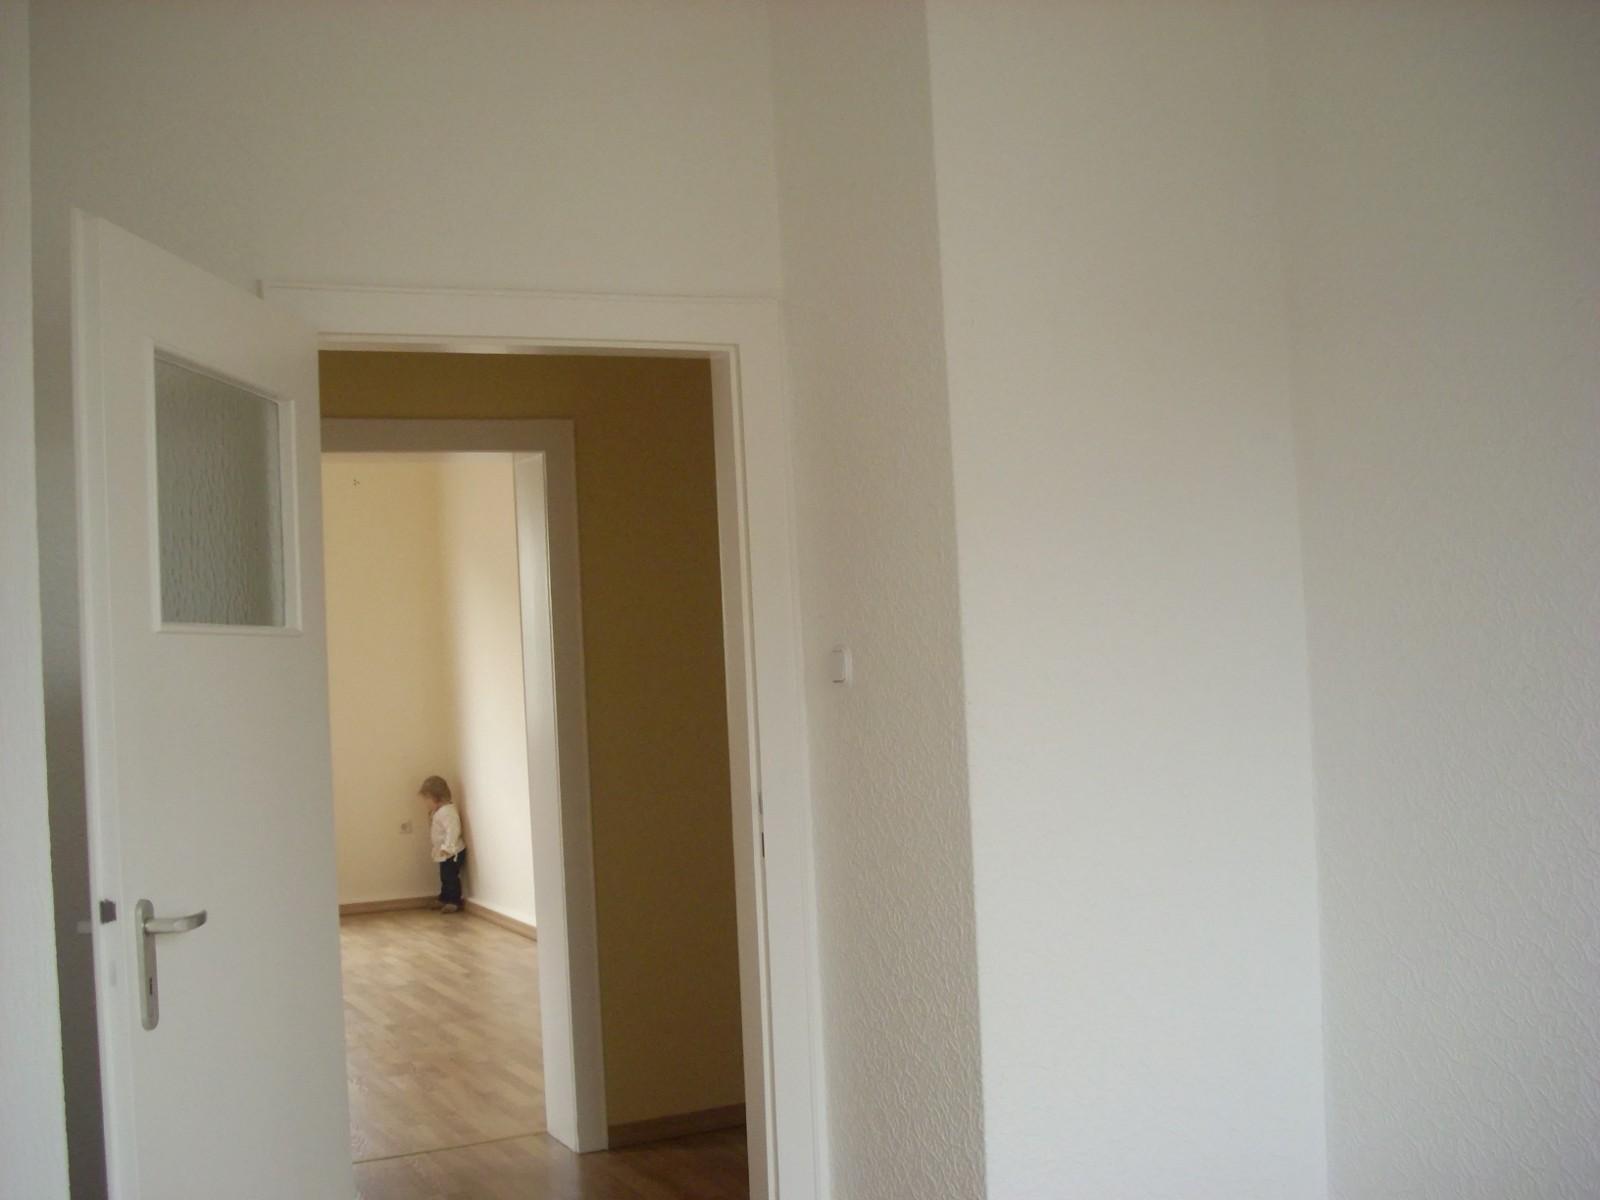 Kinderzimmer \'Prinzessinnenreich\' - Leere Villa Kunterbunt ...